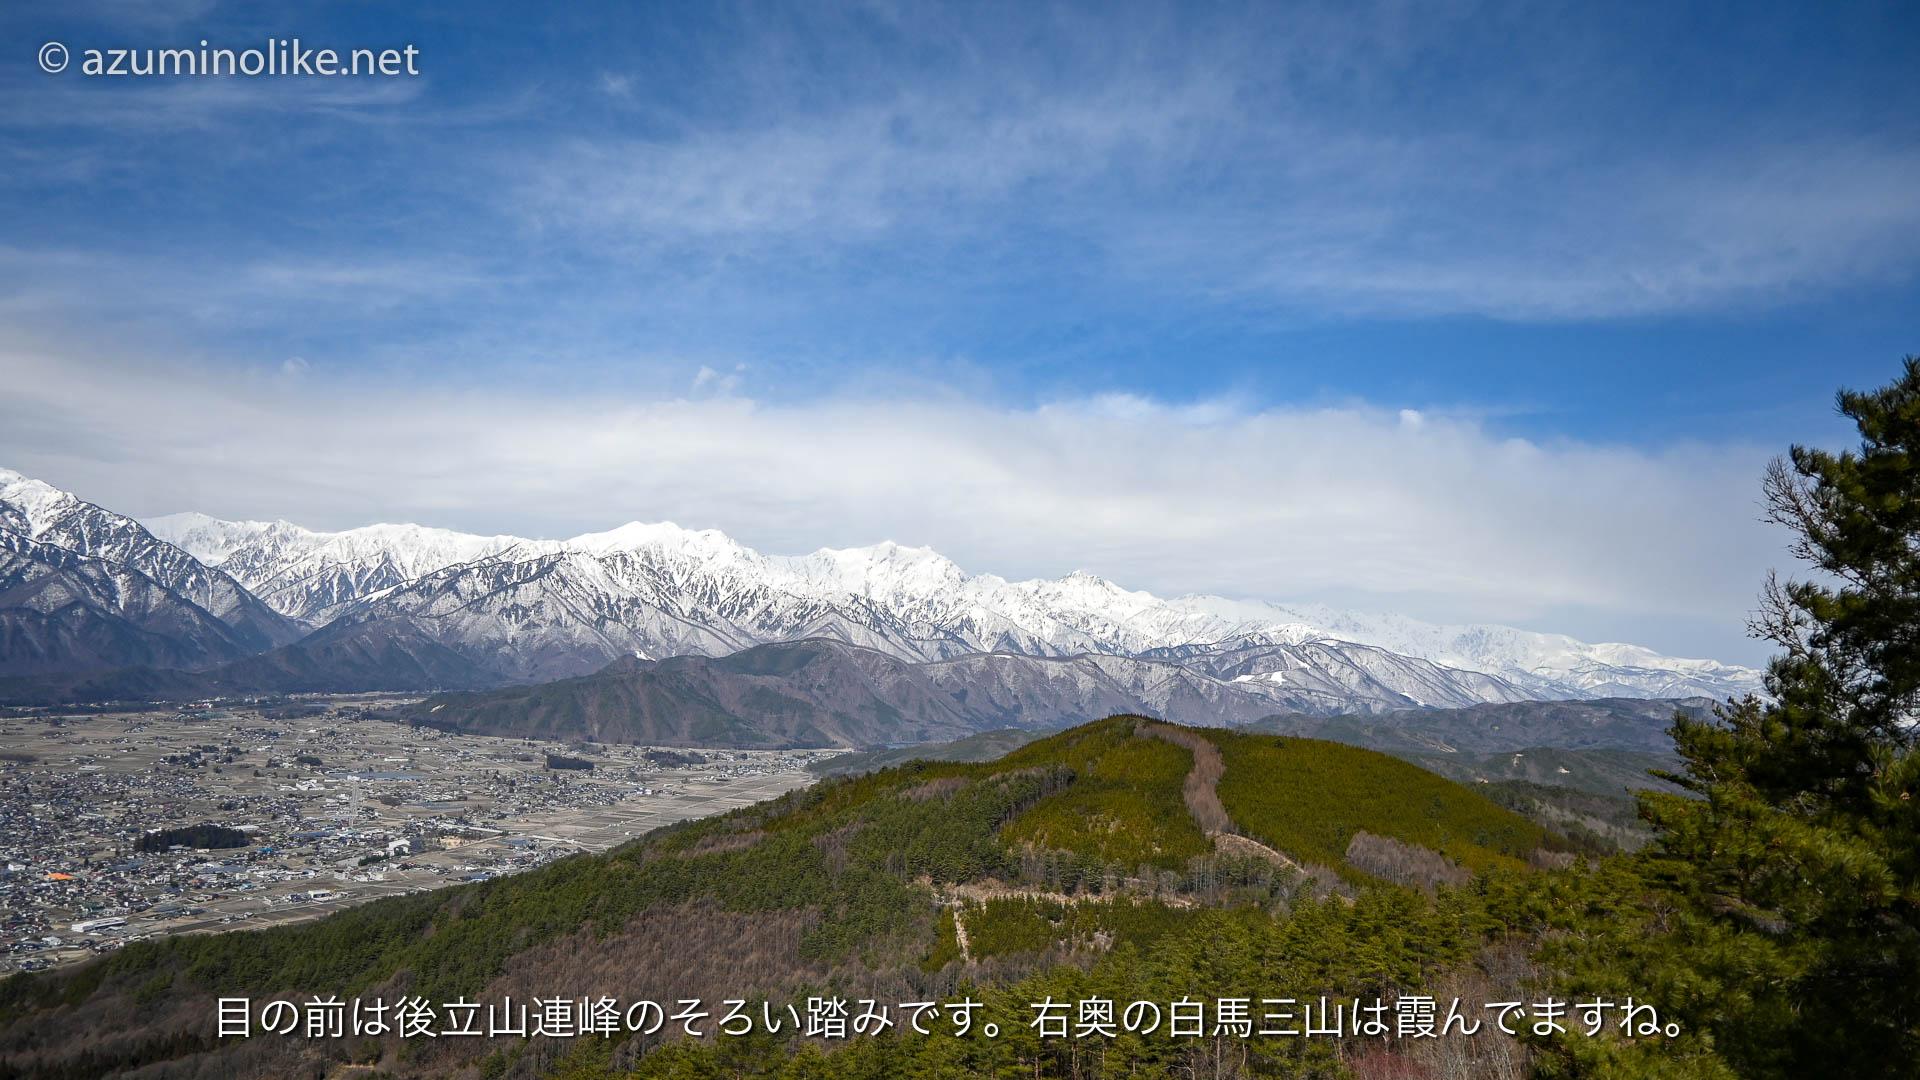 takagari321_ページ_12